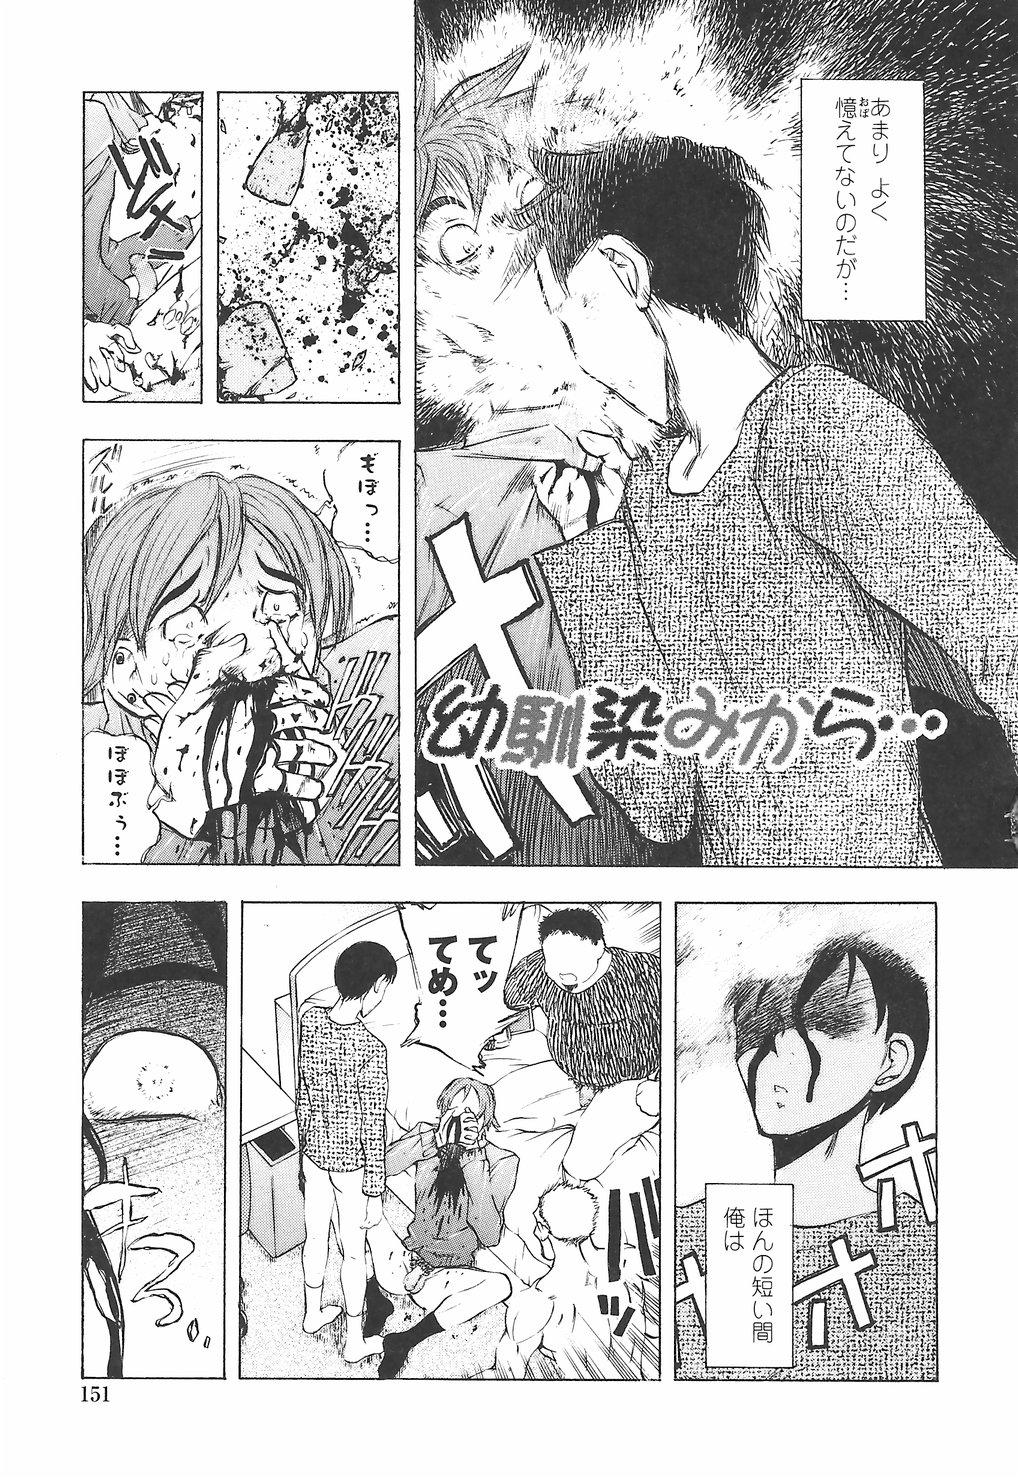 [Yuuki Tsumugi] Oshiete Ane-Tea - Teach me! my sister teacher. 154